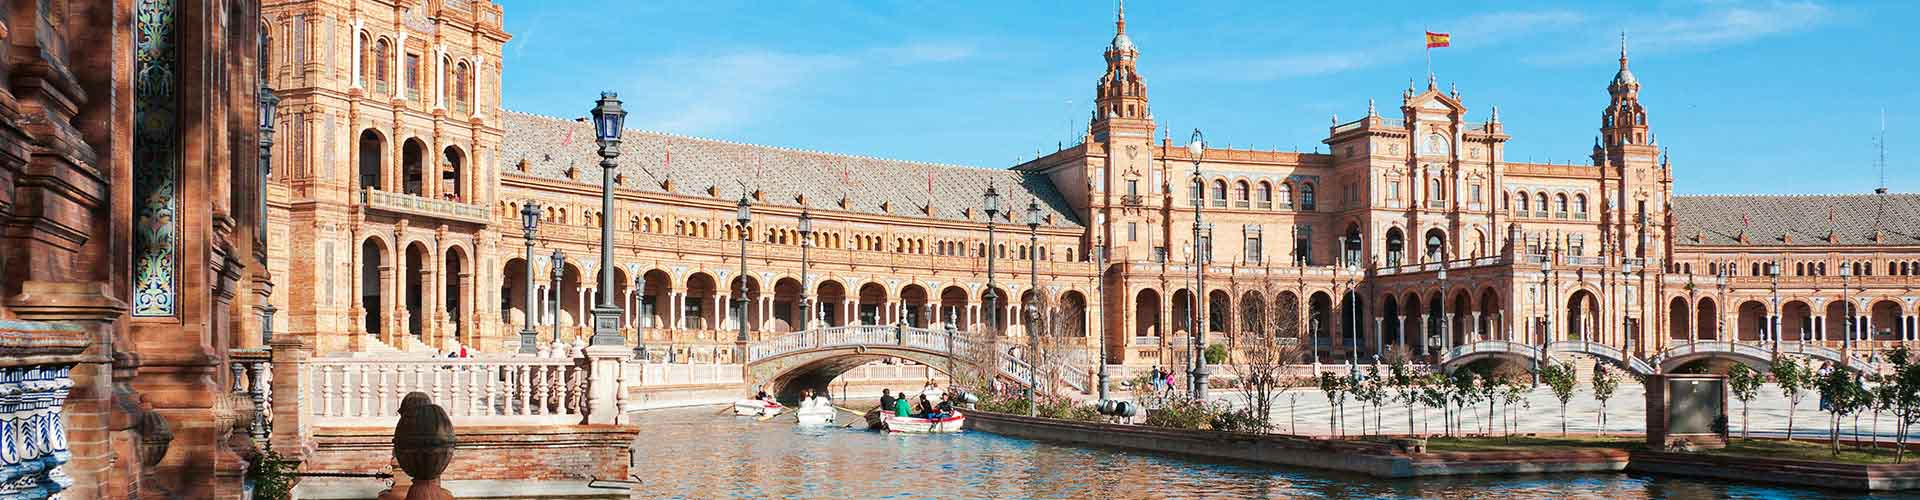 Sevilla - Habitaciones en Sevilla. Mapas de Sevilla, Fotos y Comentarios para cada habitación en Sevilla.